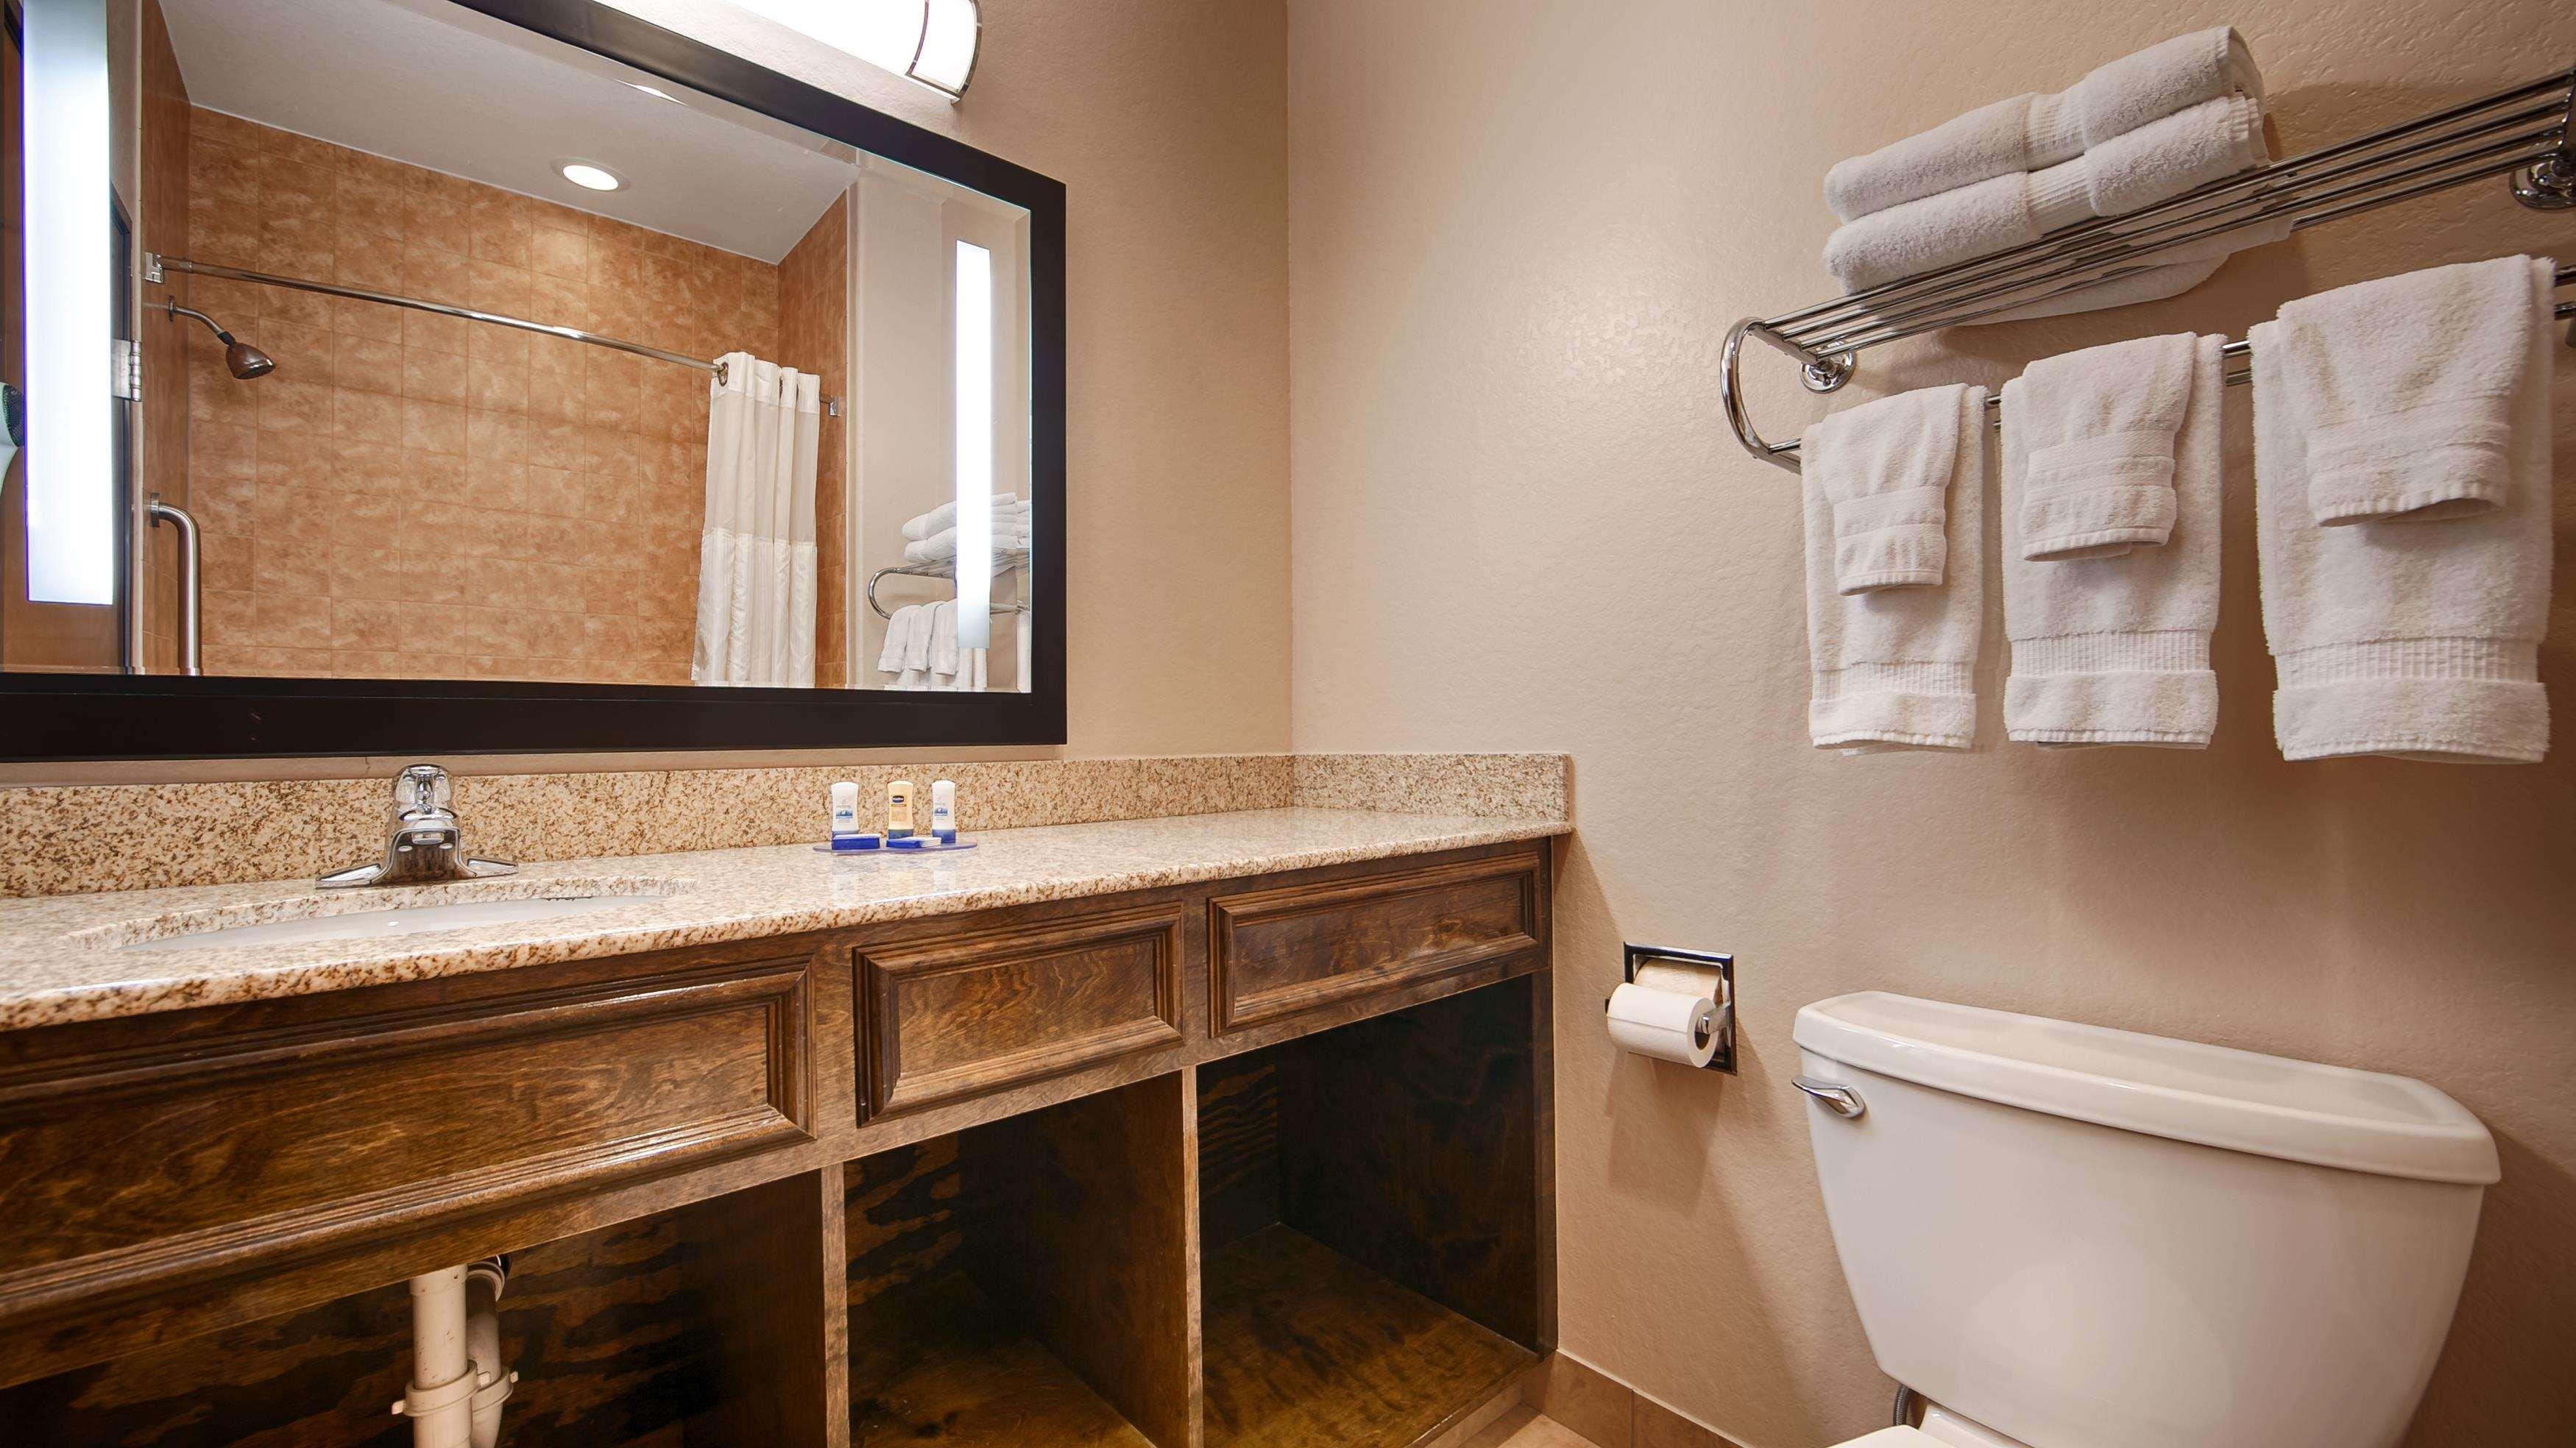 Best Western Plus Palo Alto Inn & Suites image 6